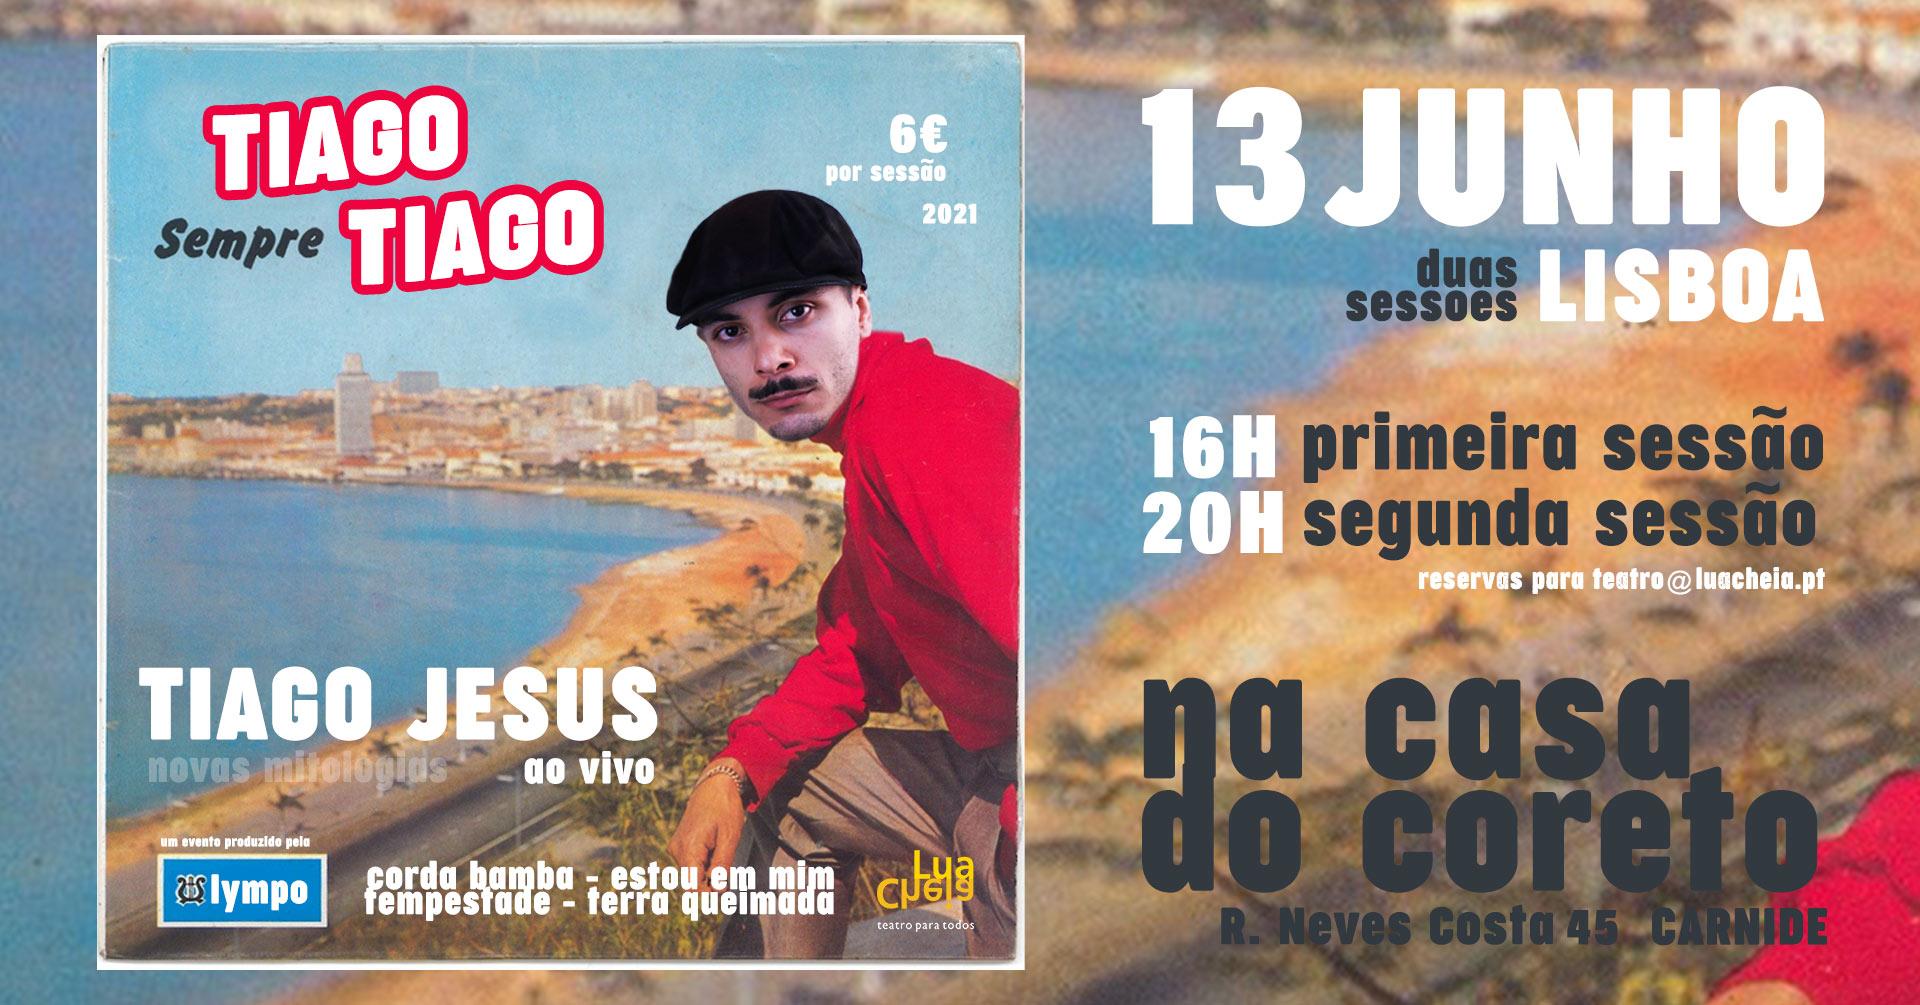 TIAGO JESUS | EM LISBOA | A Solo e ao Vivo!